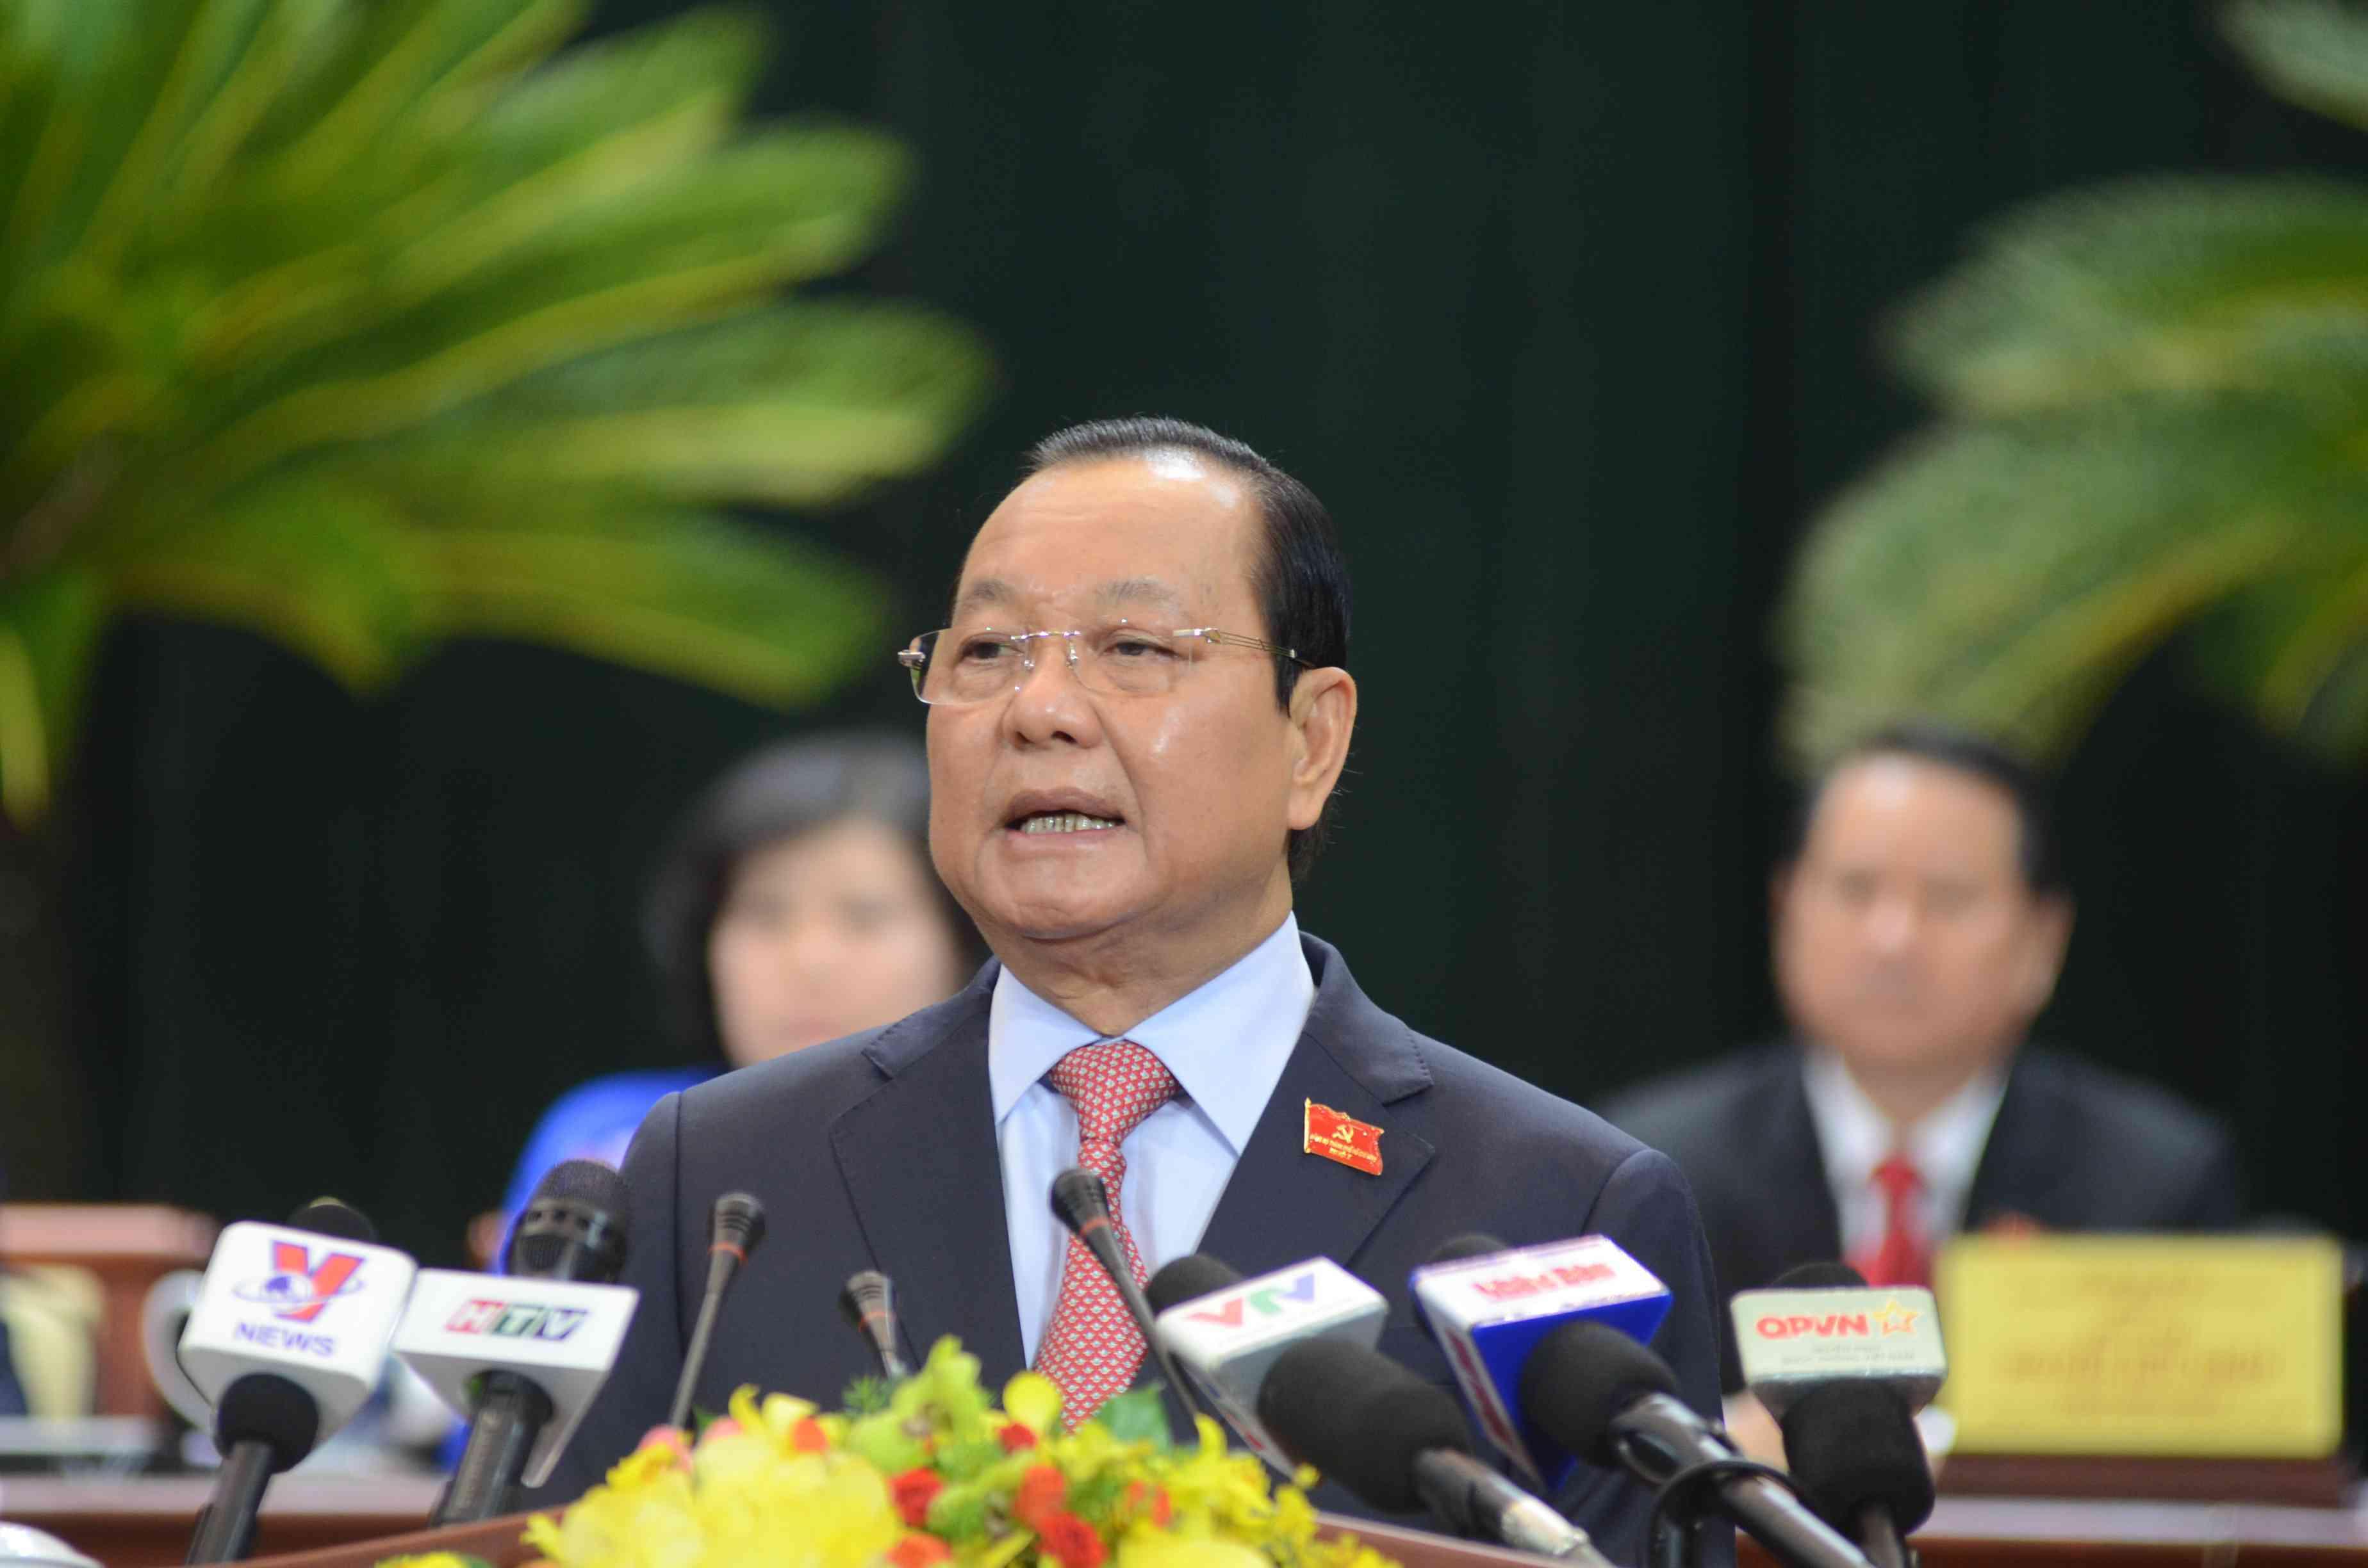 Thủ Thiêm,Lê Thanh Hải,kỷ luật cán bộ,Nguyễn Thiện Nhân,quy hoạch thủ thiêm